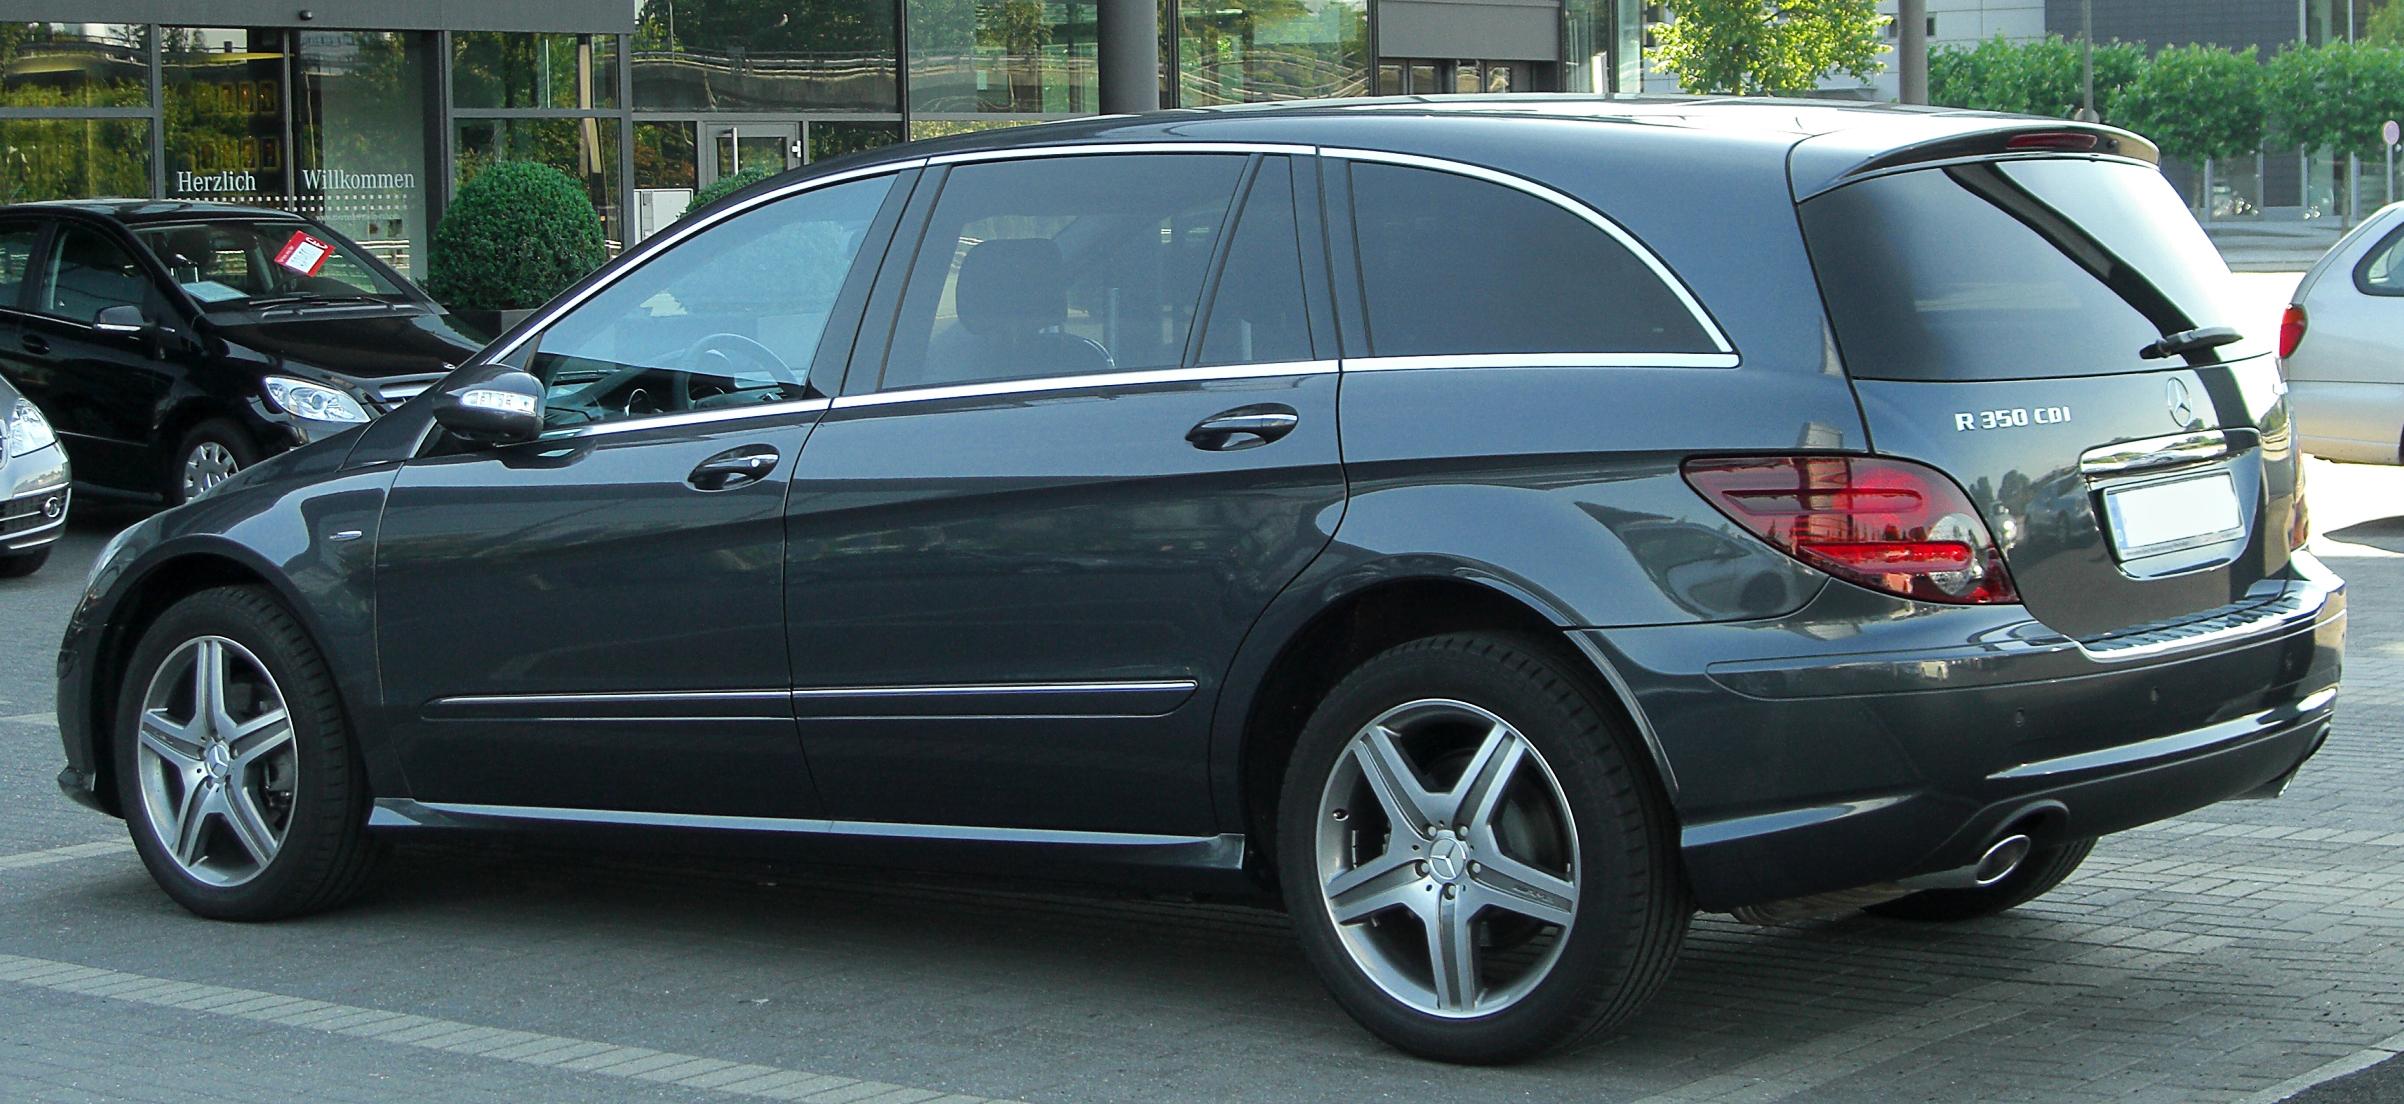 Mercedes R Cdi